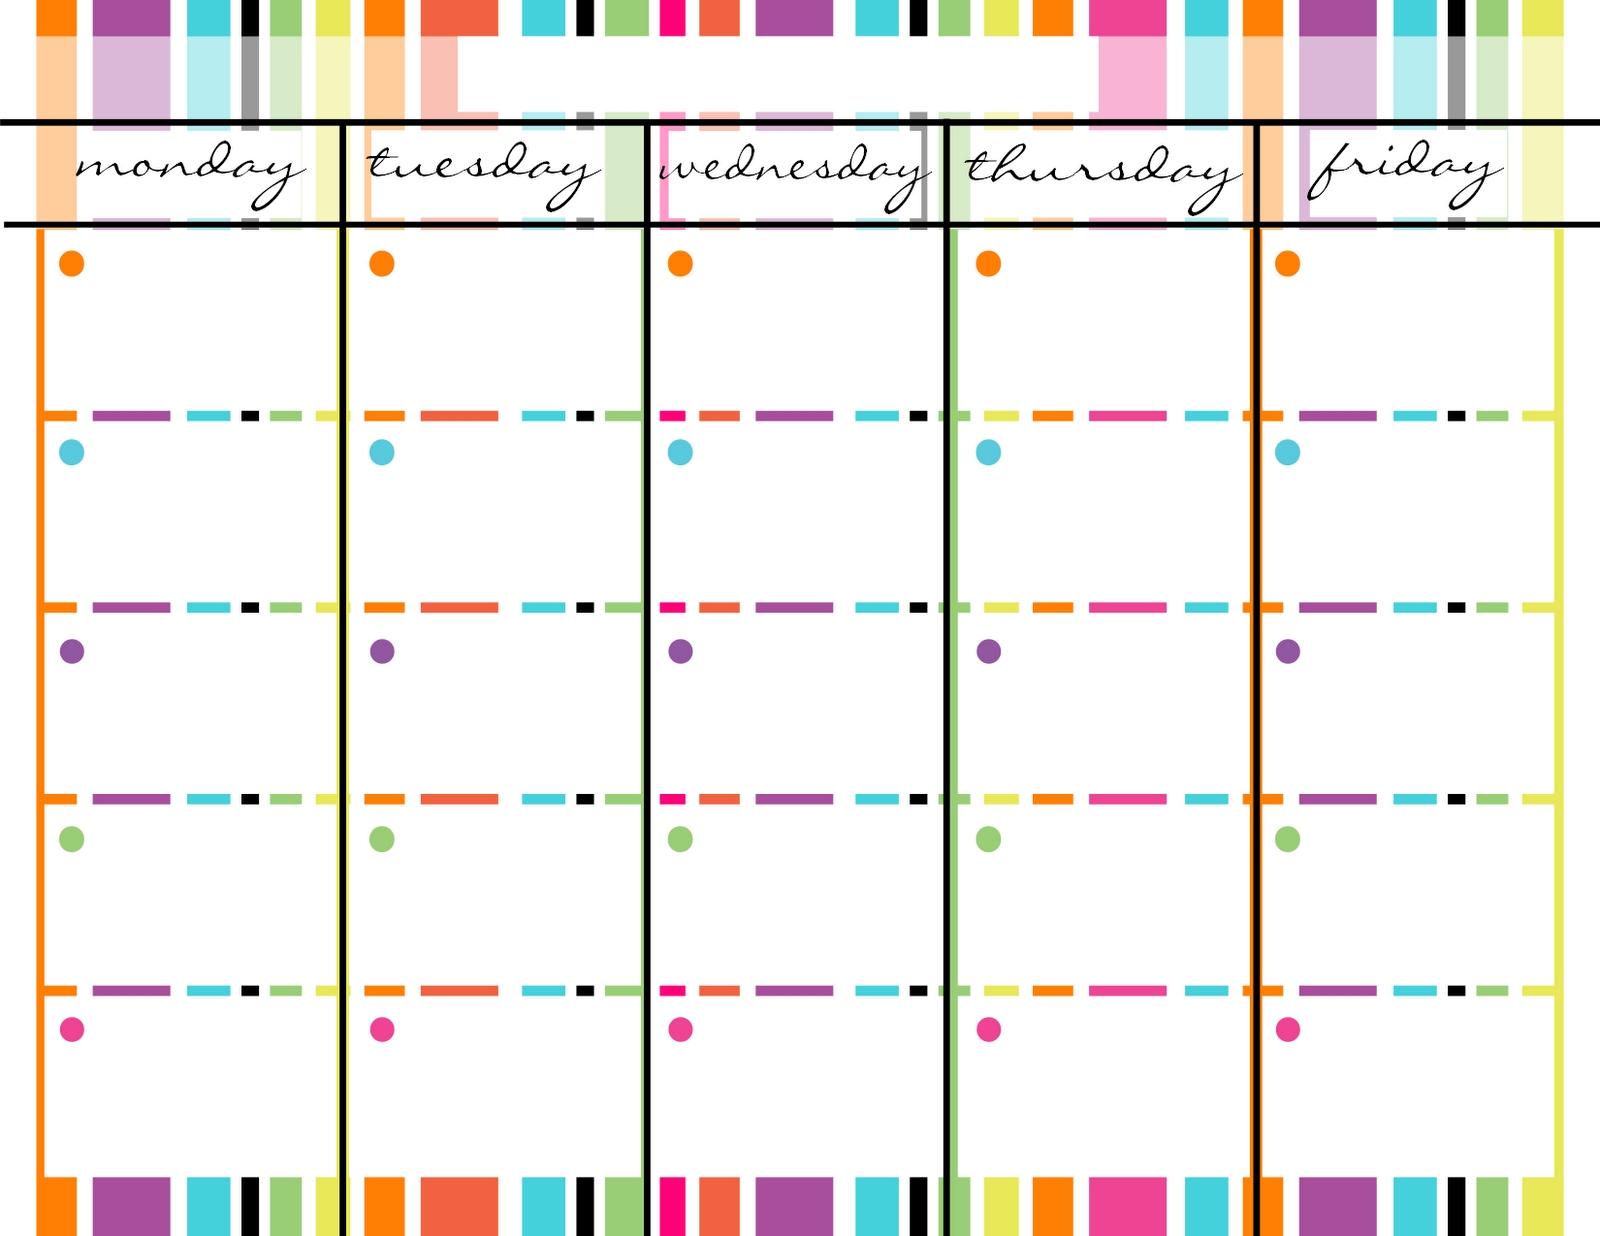 Blank Monday Through Friday Printable Calendar   Calendar